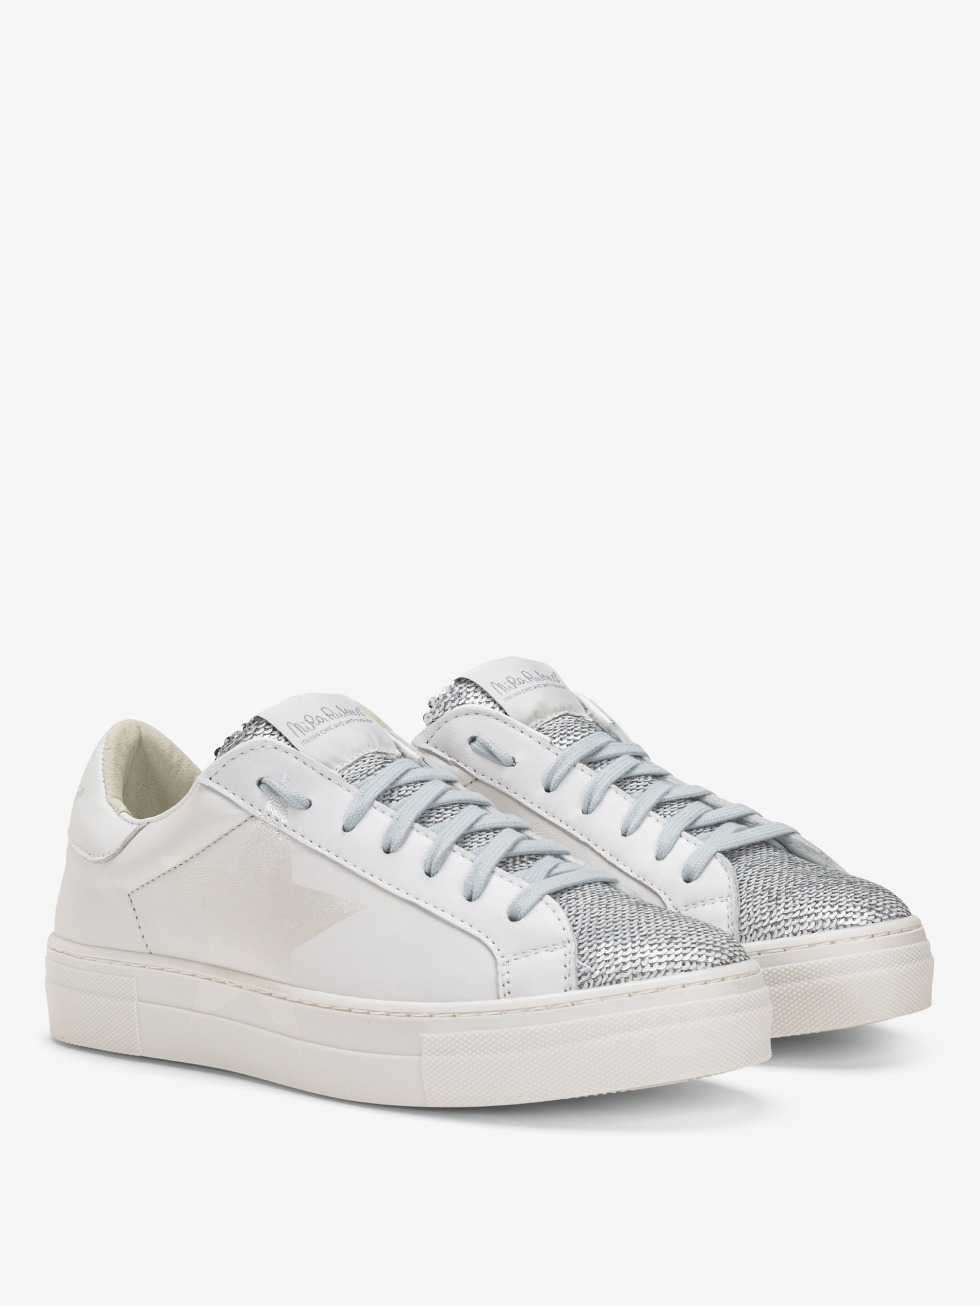 Martini Sneakers - Sparkle White Stella